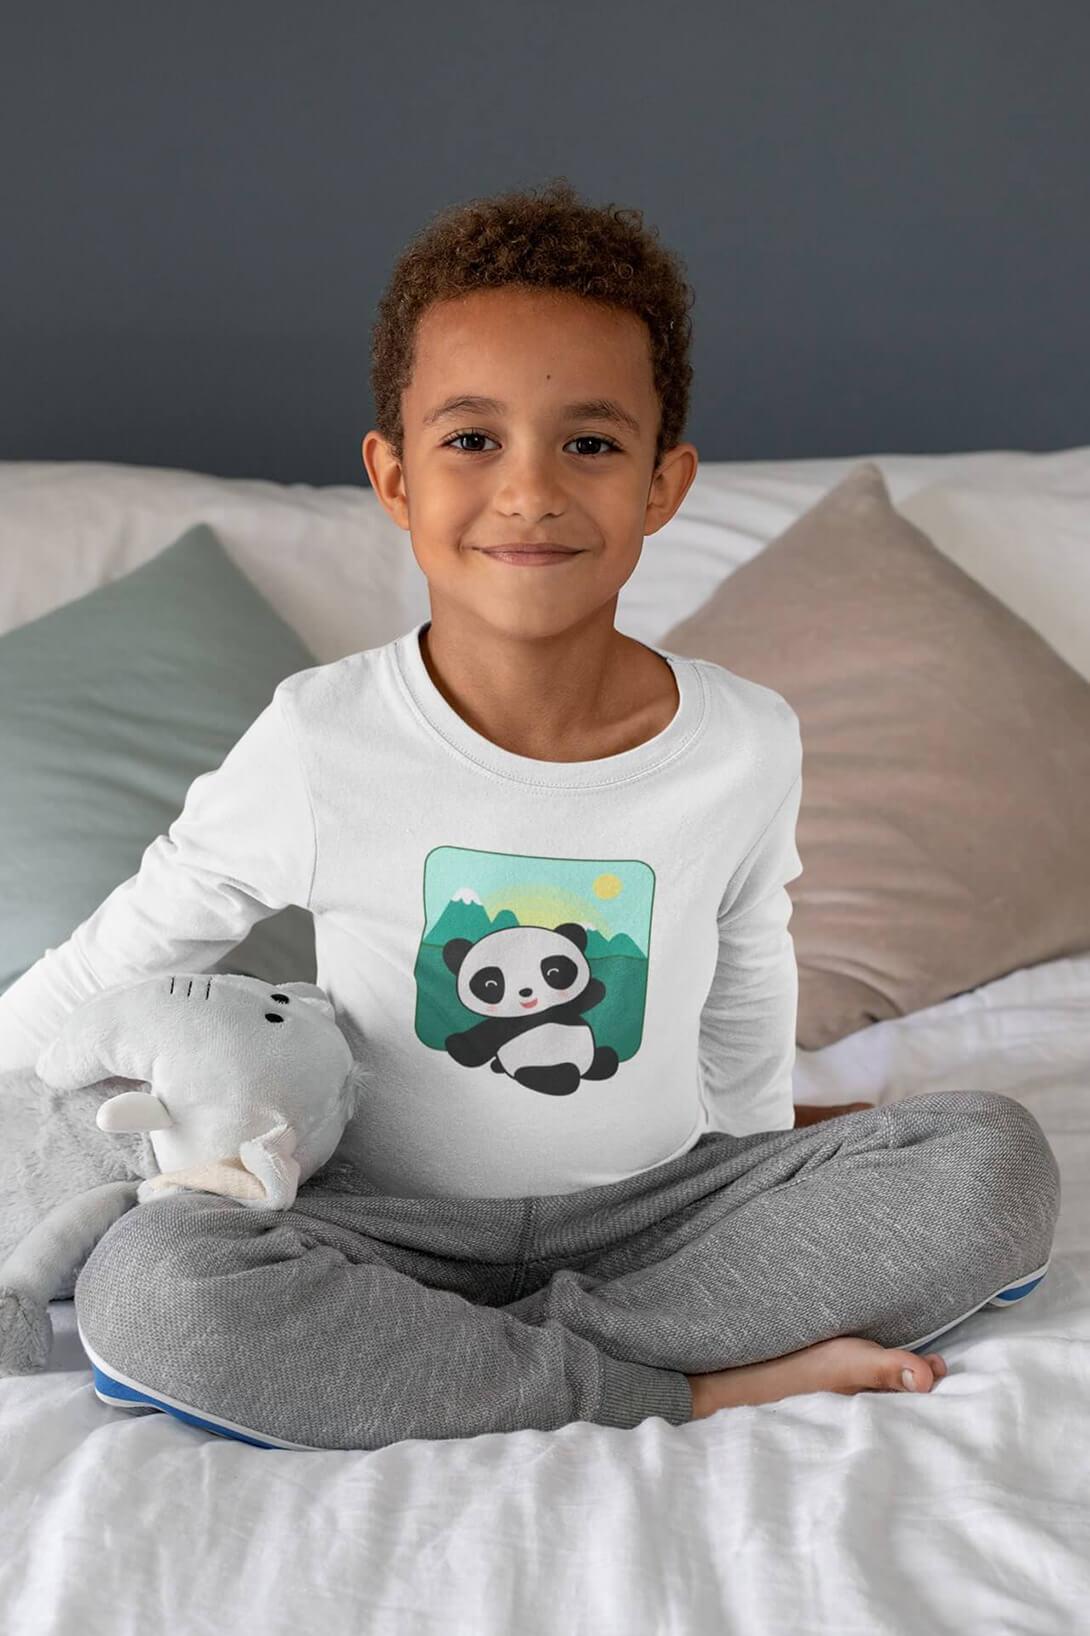 MMO Detské tričko s dlhým rukávom Panda Vyberte farbu:: Biela, Detská veľkosť: 158/12 rokov